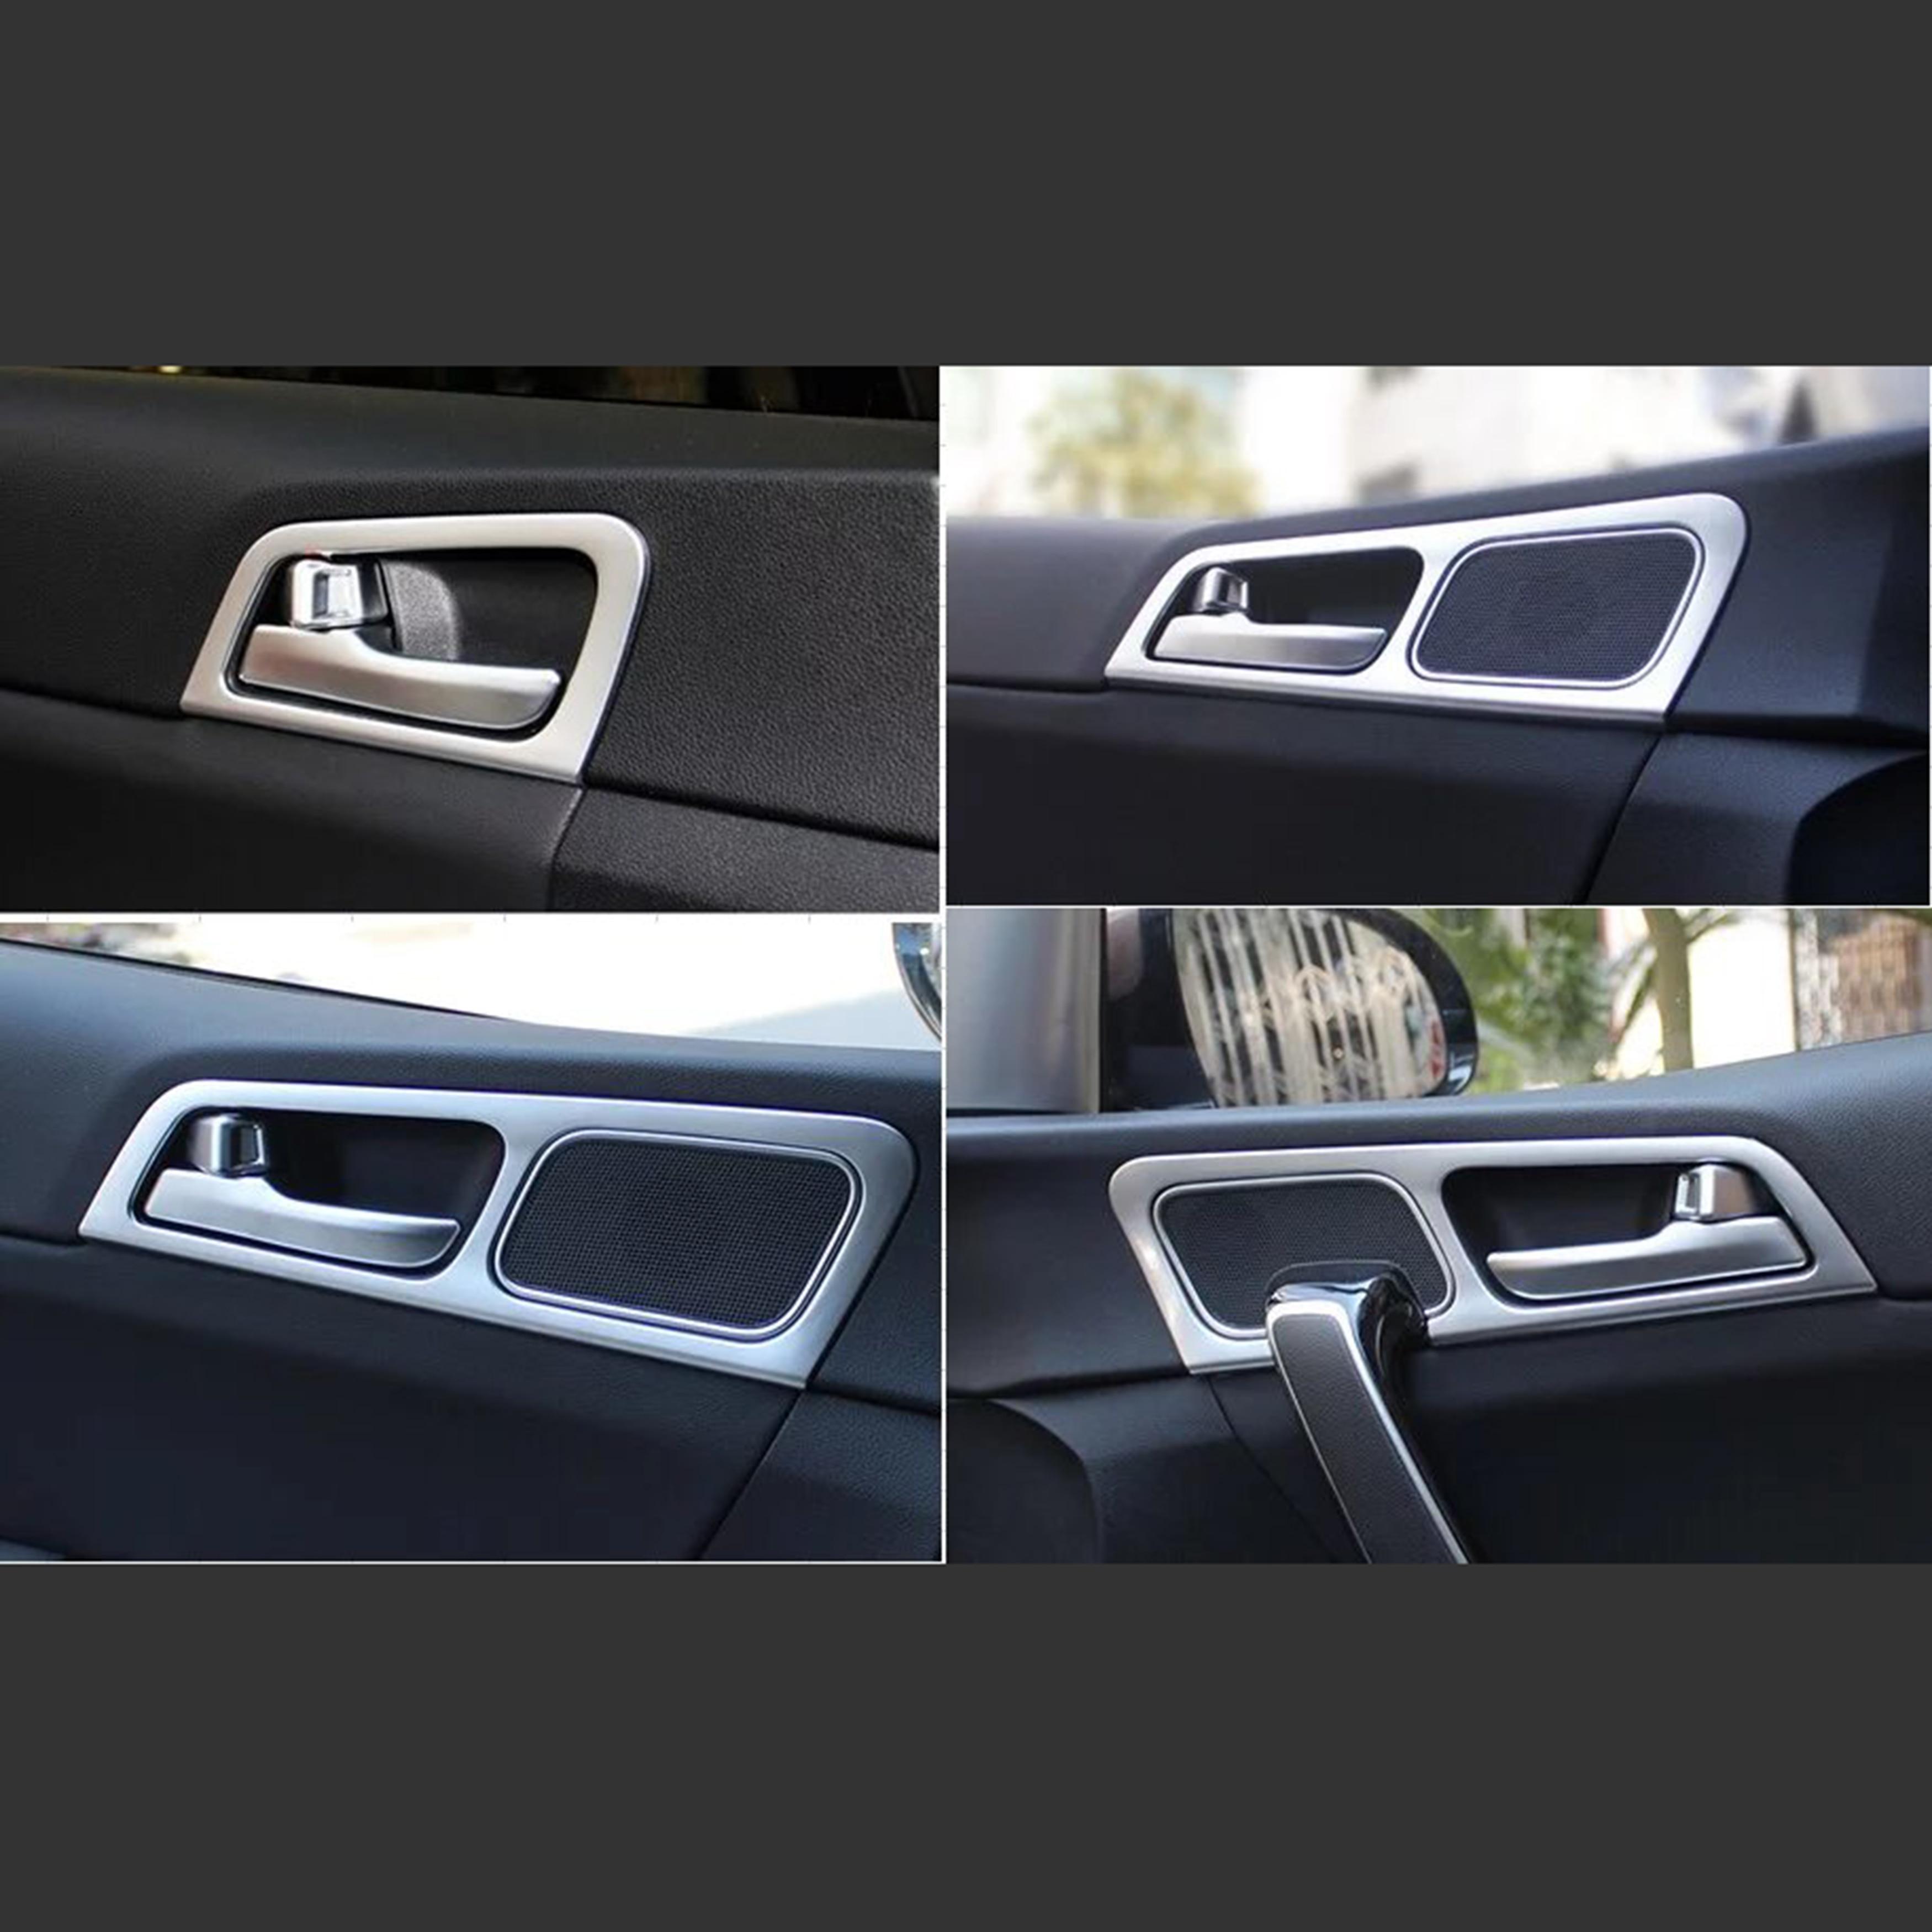 Pour Kia Sportage Kx5 2015-2018 voiture porte accoudoir panneau couverture voiture fenêtre garniture Chrome plaqué 4 pièces style